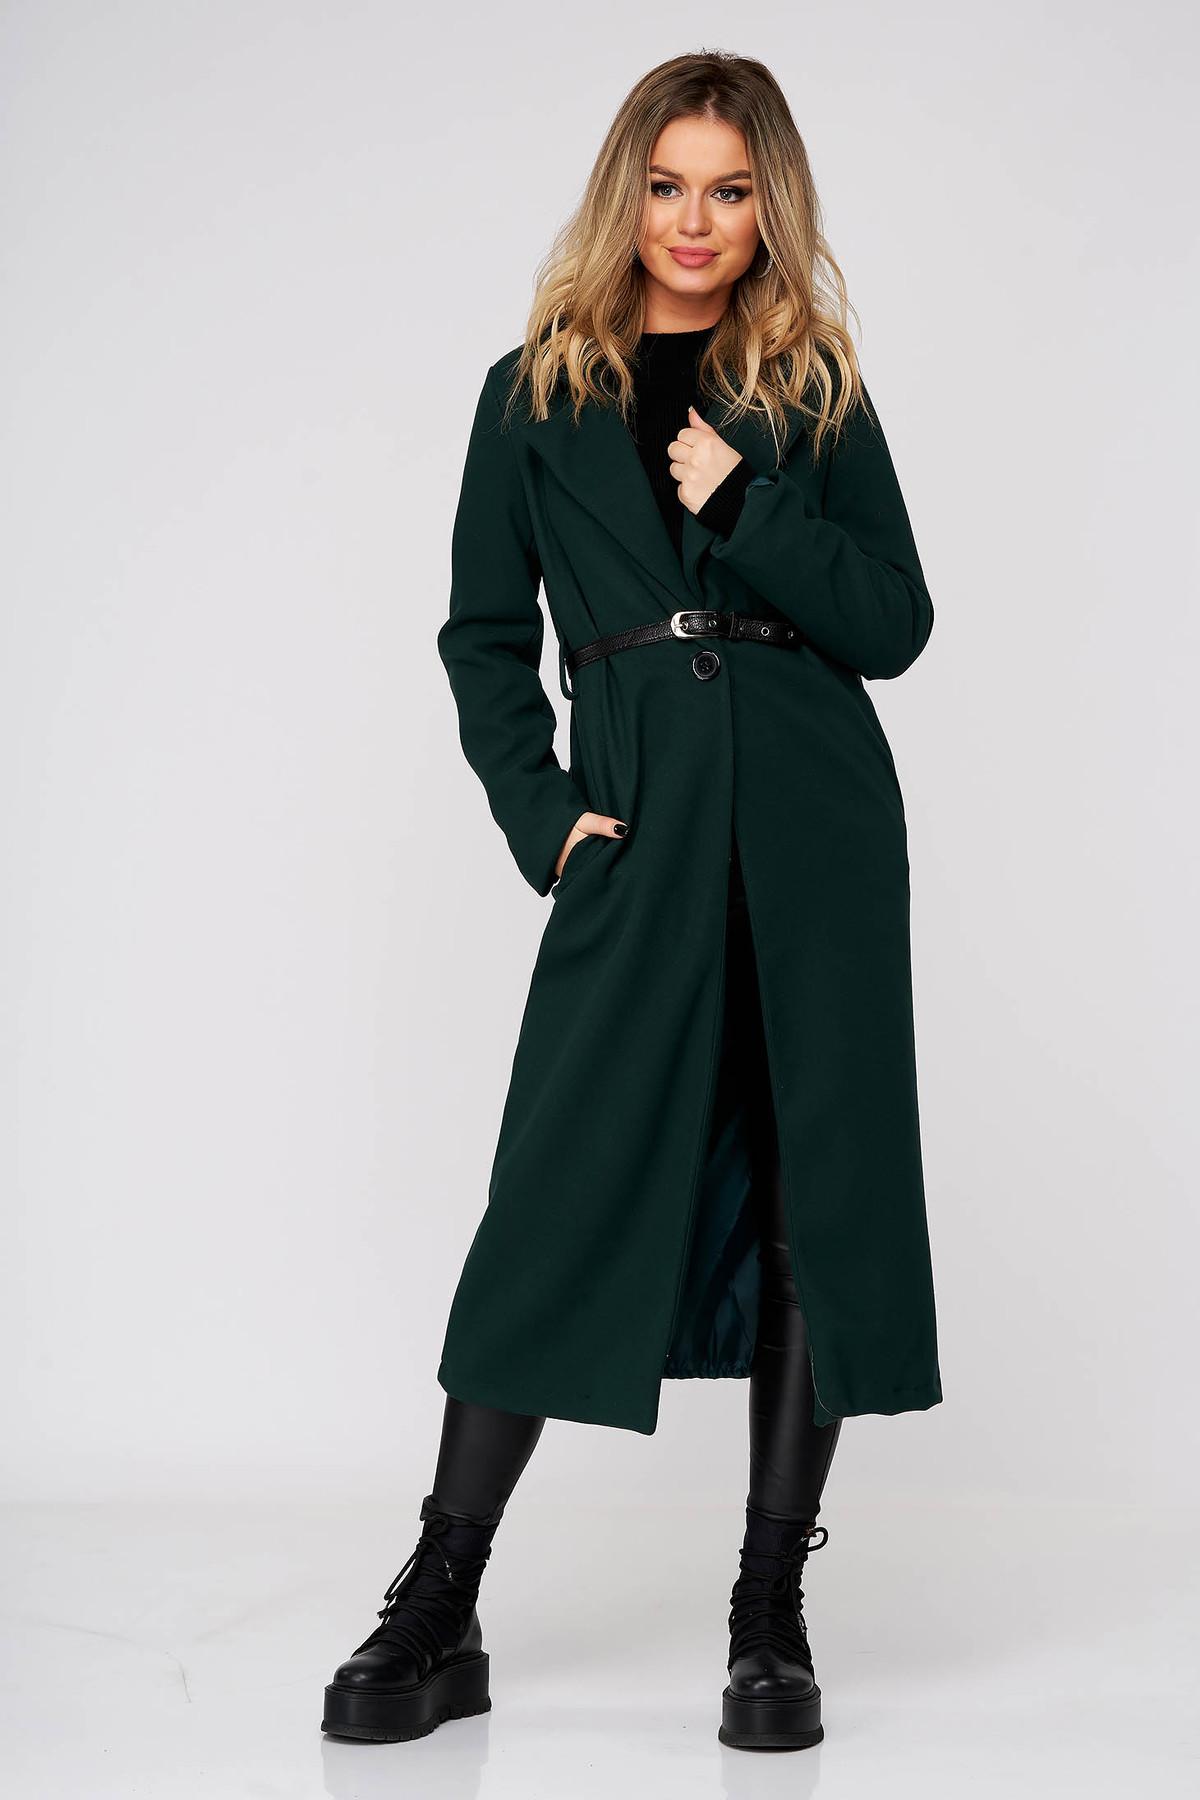 Palton SunShine din stofa verde lung cu un croi drept cu buzunare cu accesoriu tip curea